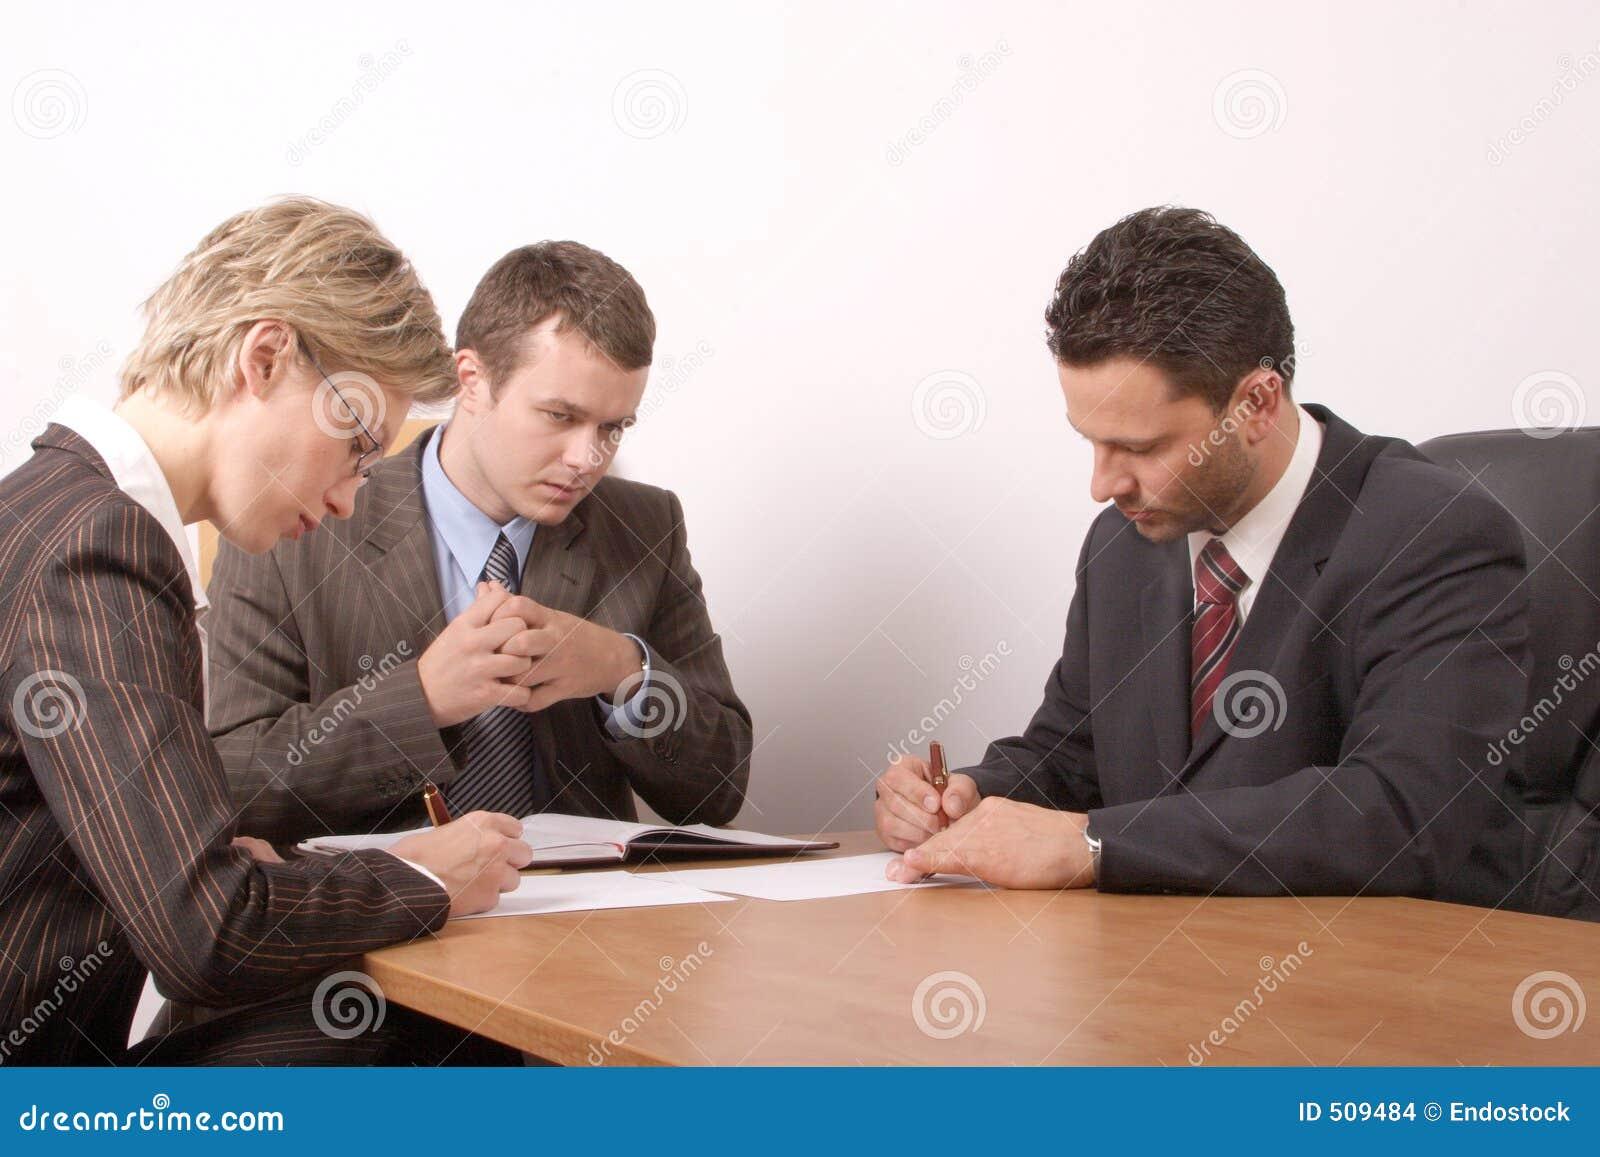 Réunion d affaires - 3 personnes - contrat de signature - général